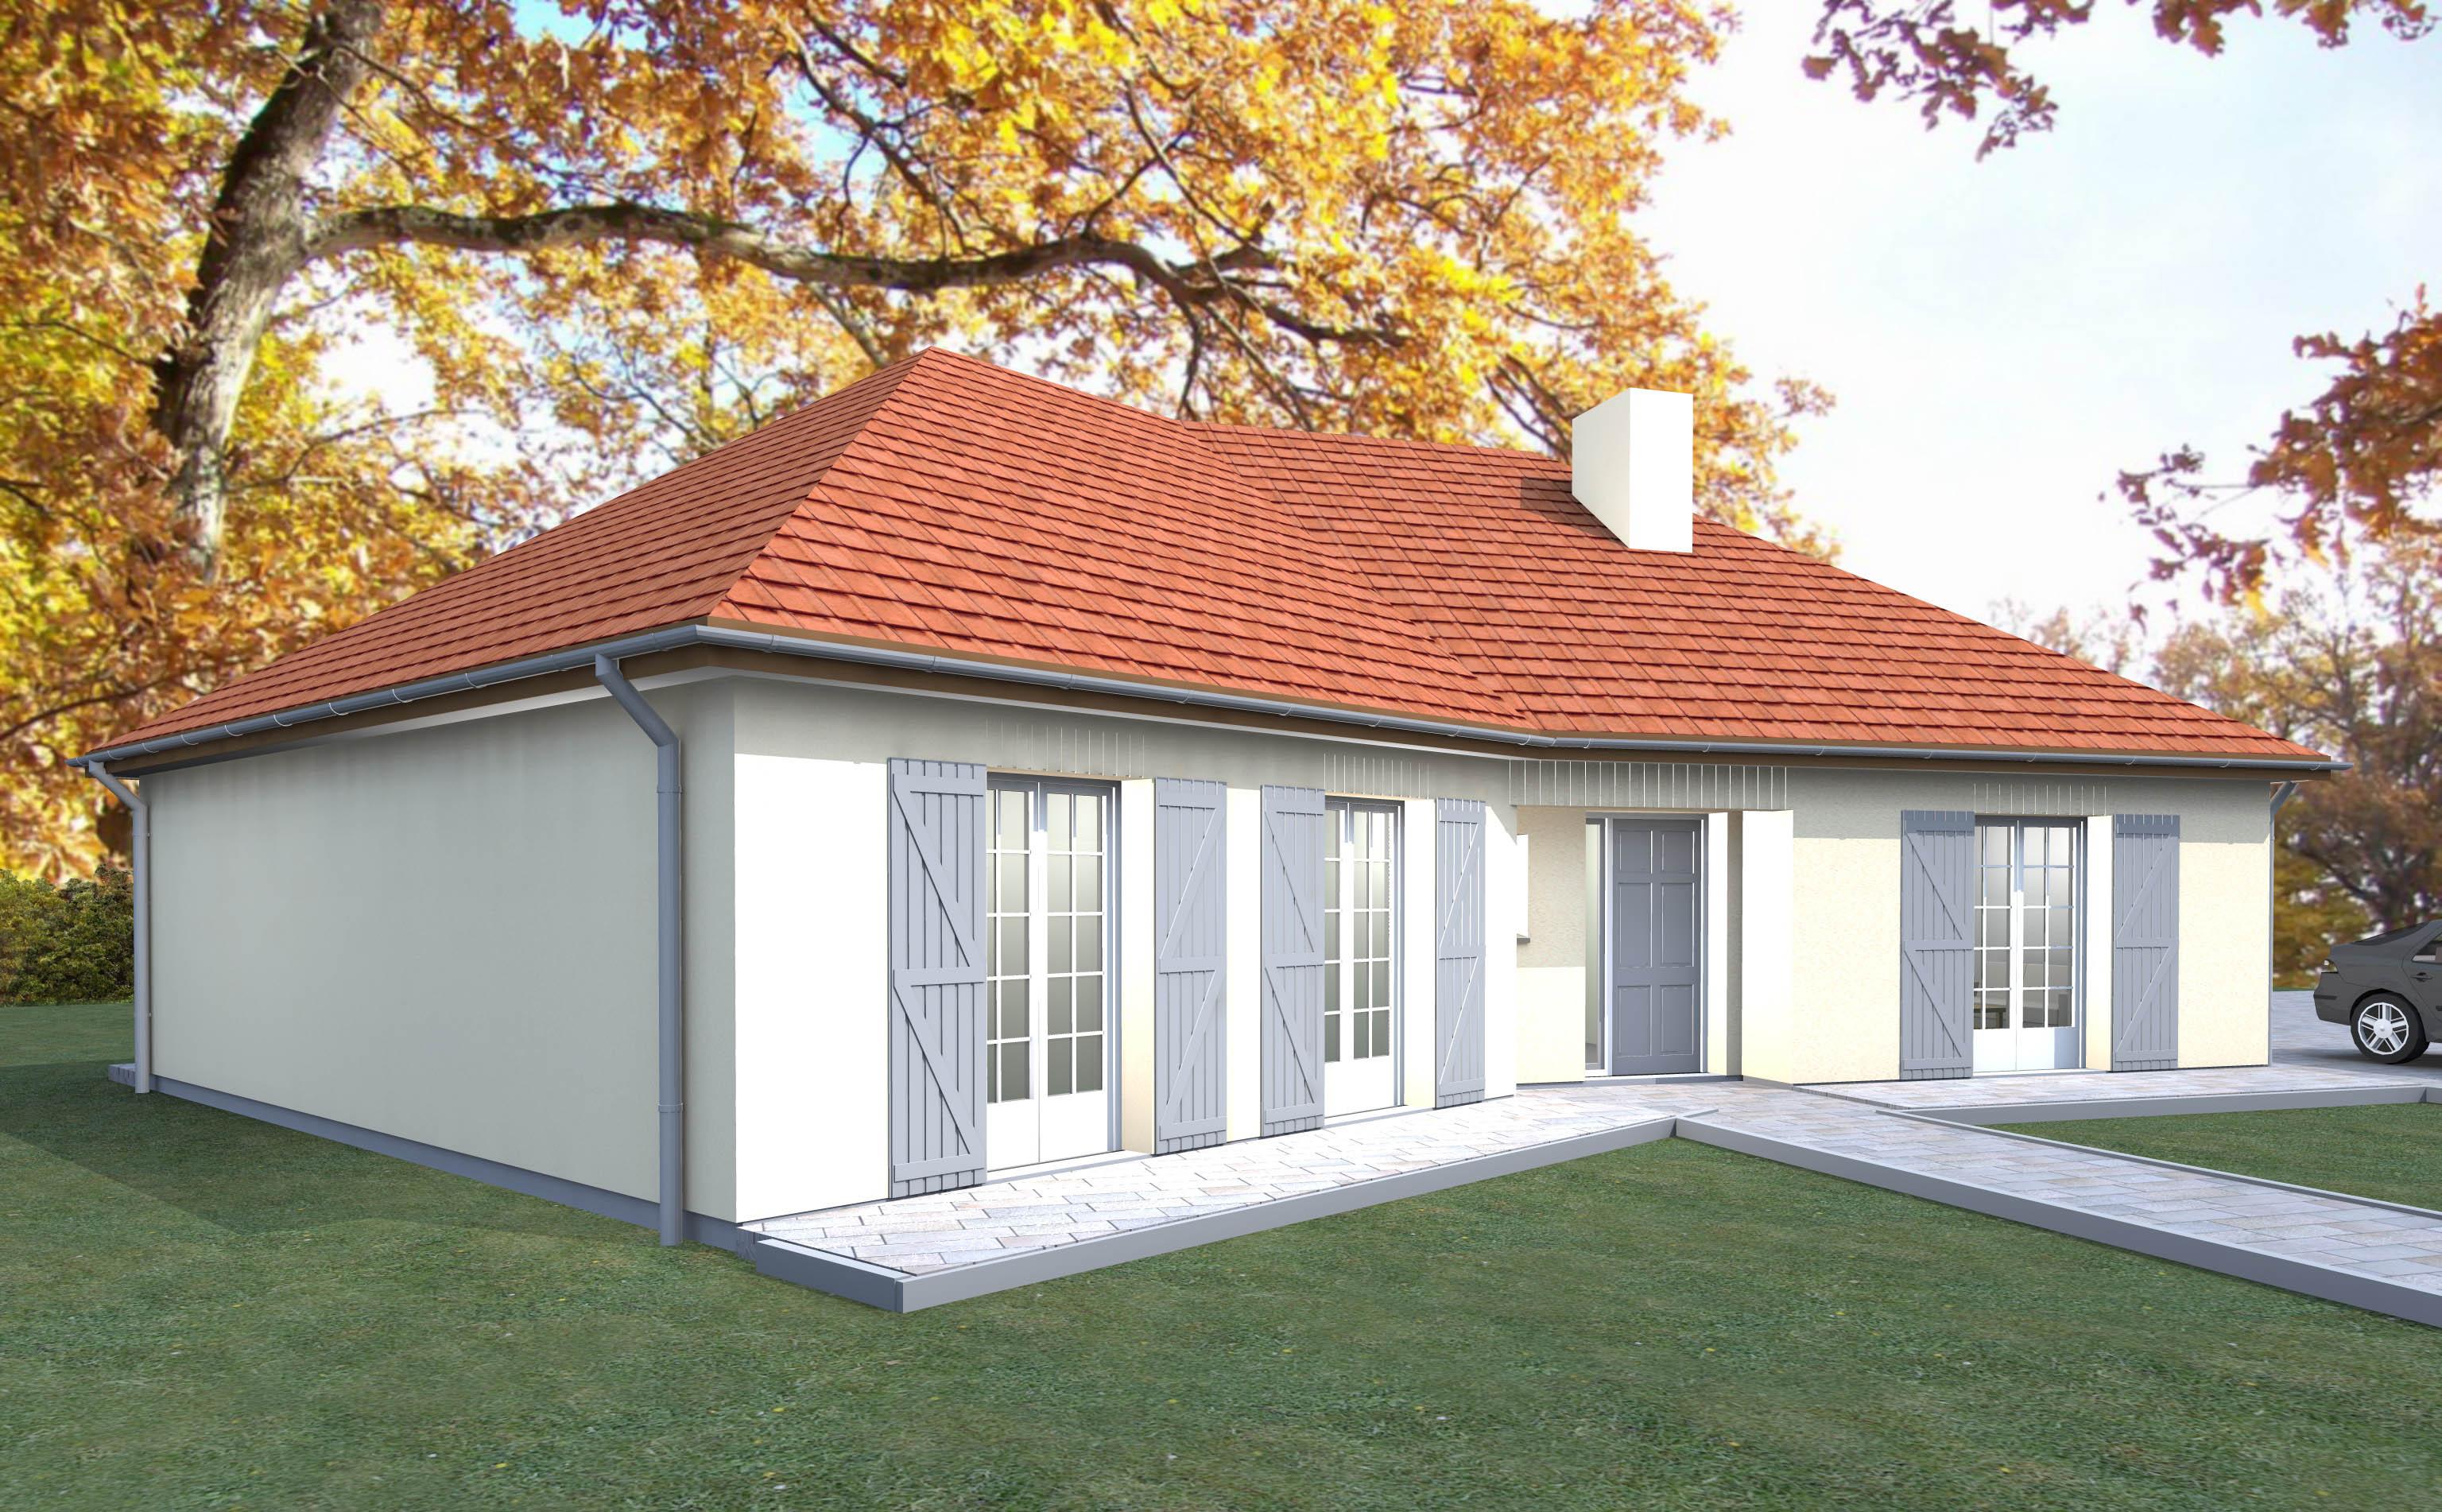 Couleur maison construction notre mod le petite violette for Construction maison modele